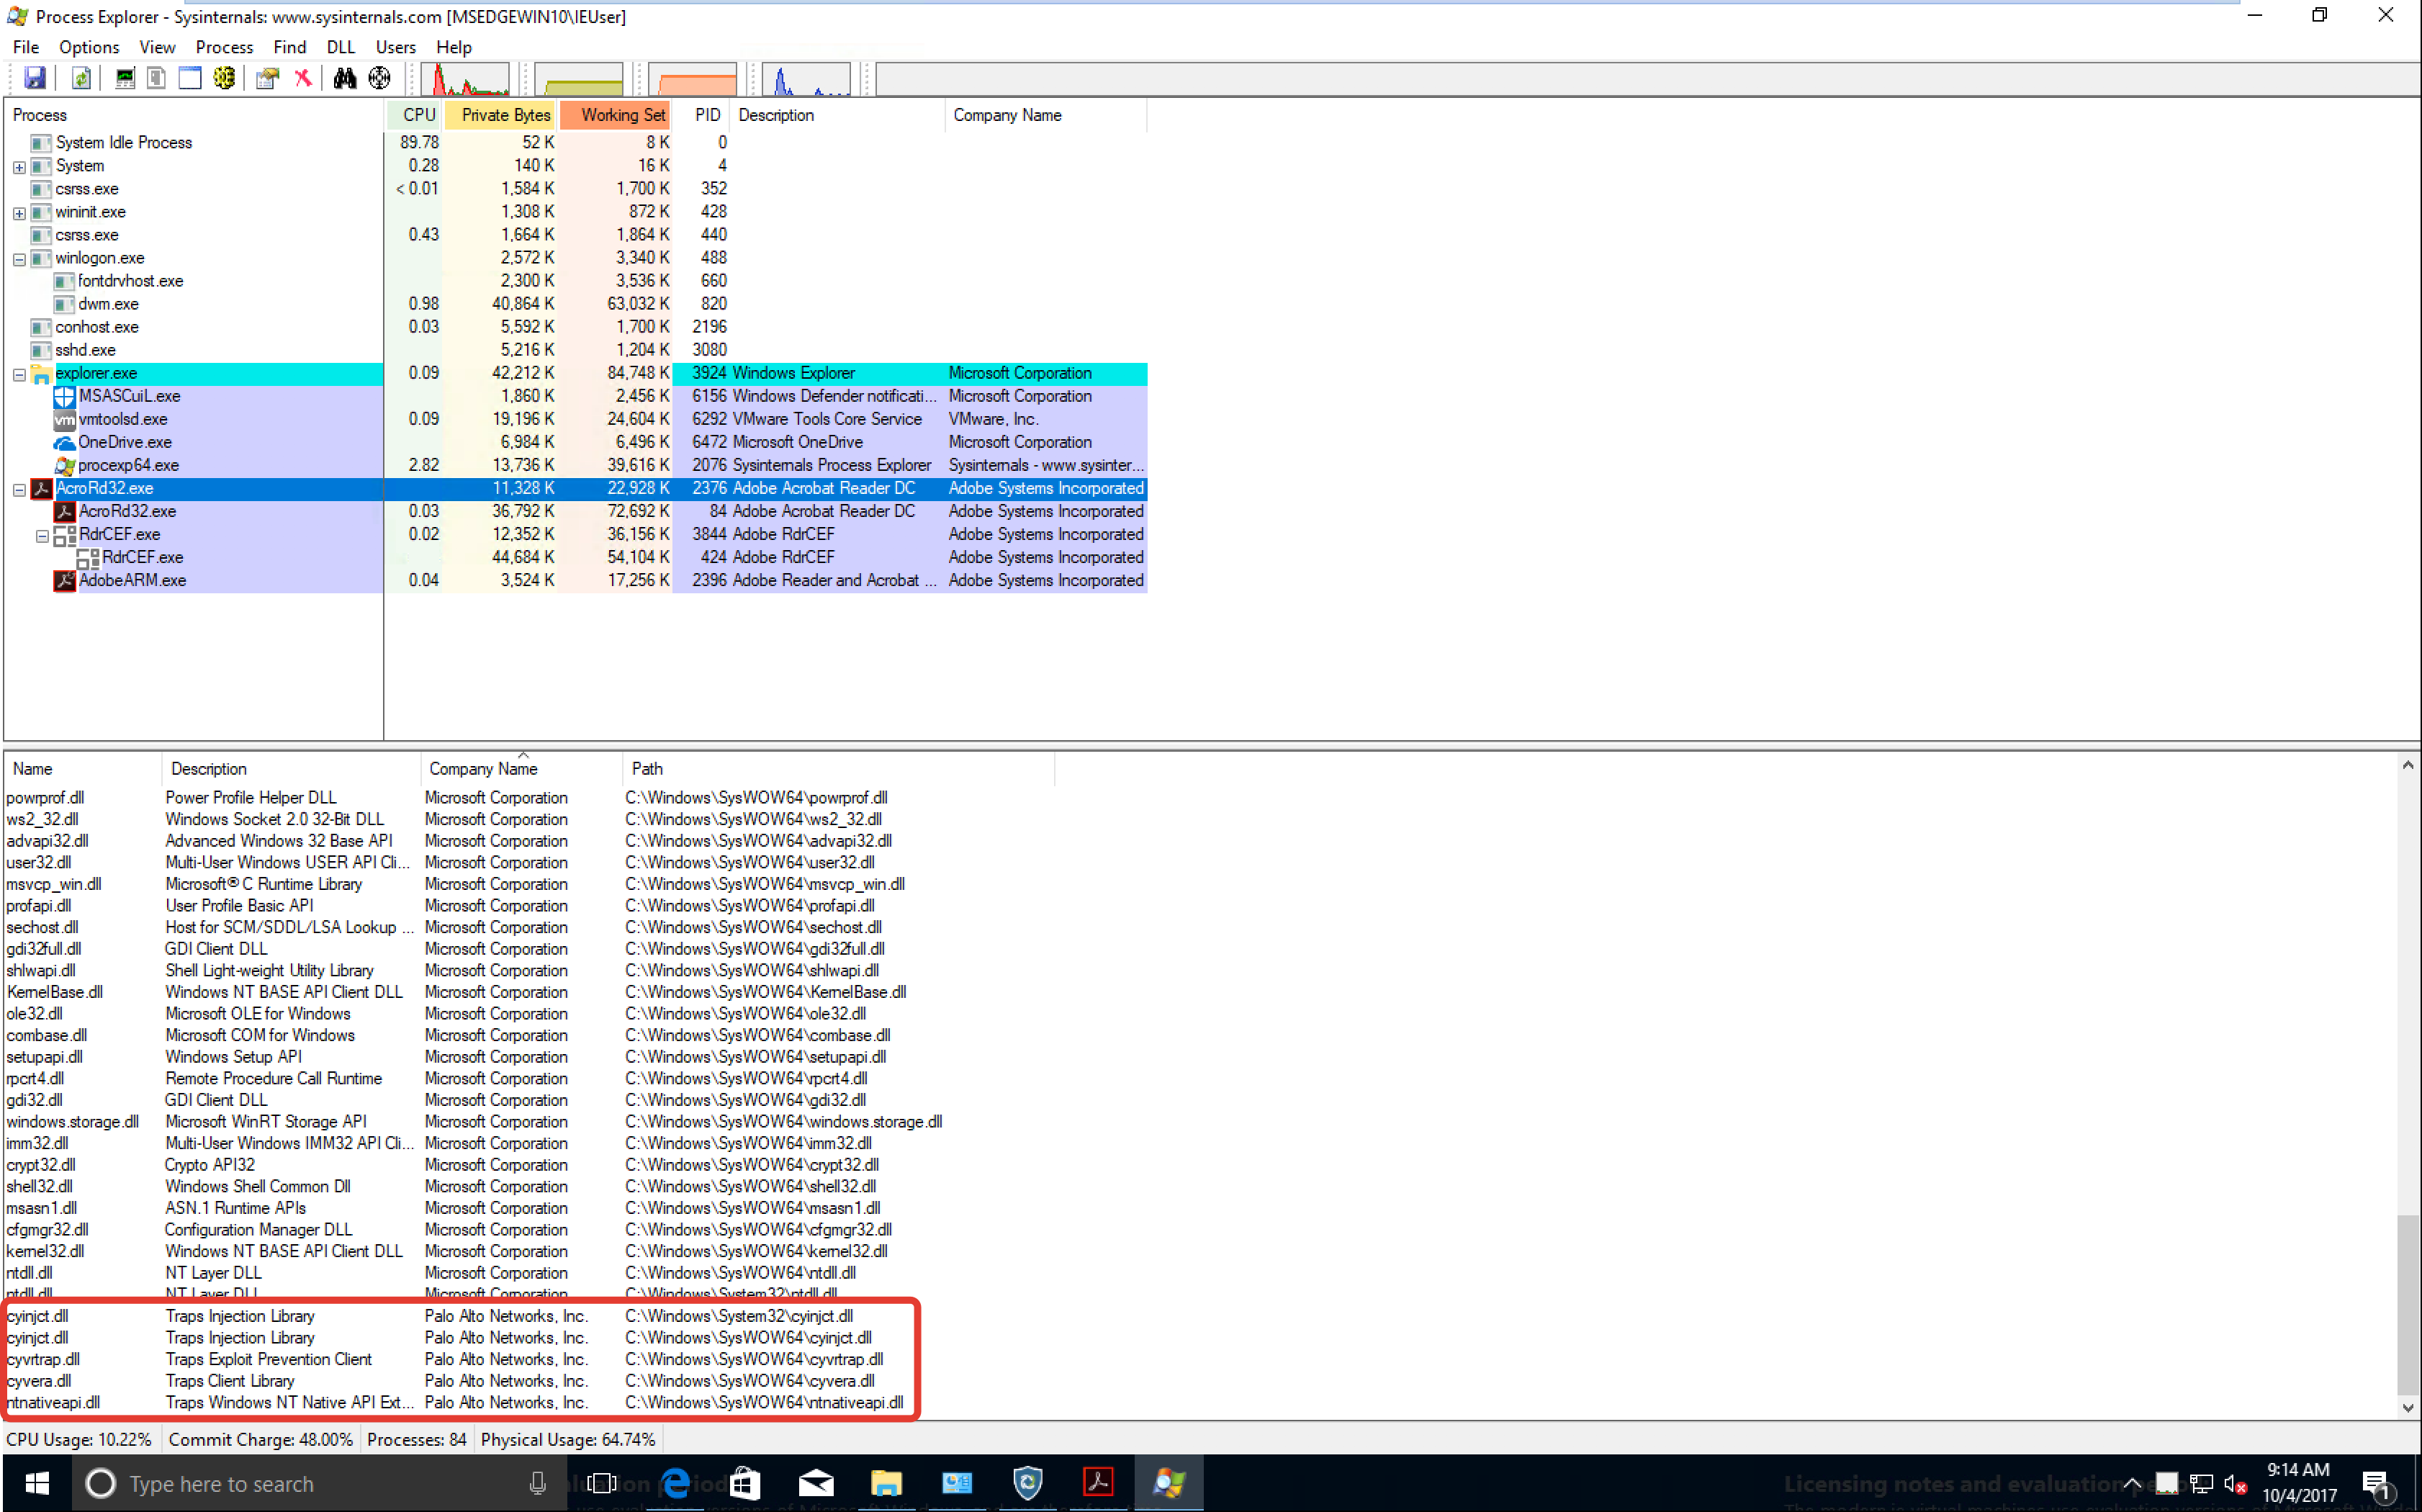 Играем с Nextgen-антивирусом от Palo Alto Networks: он инжектирует свои dll в исполняемые процессы типа *.exe - 2